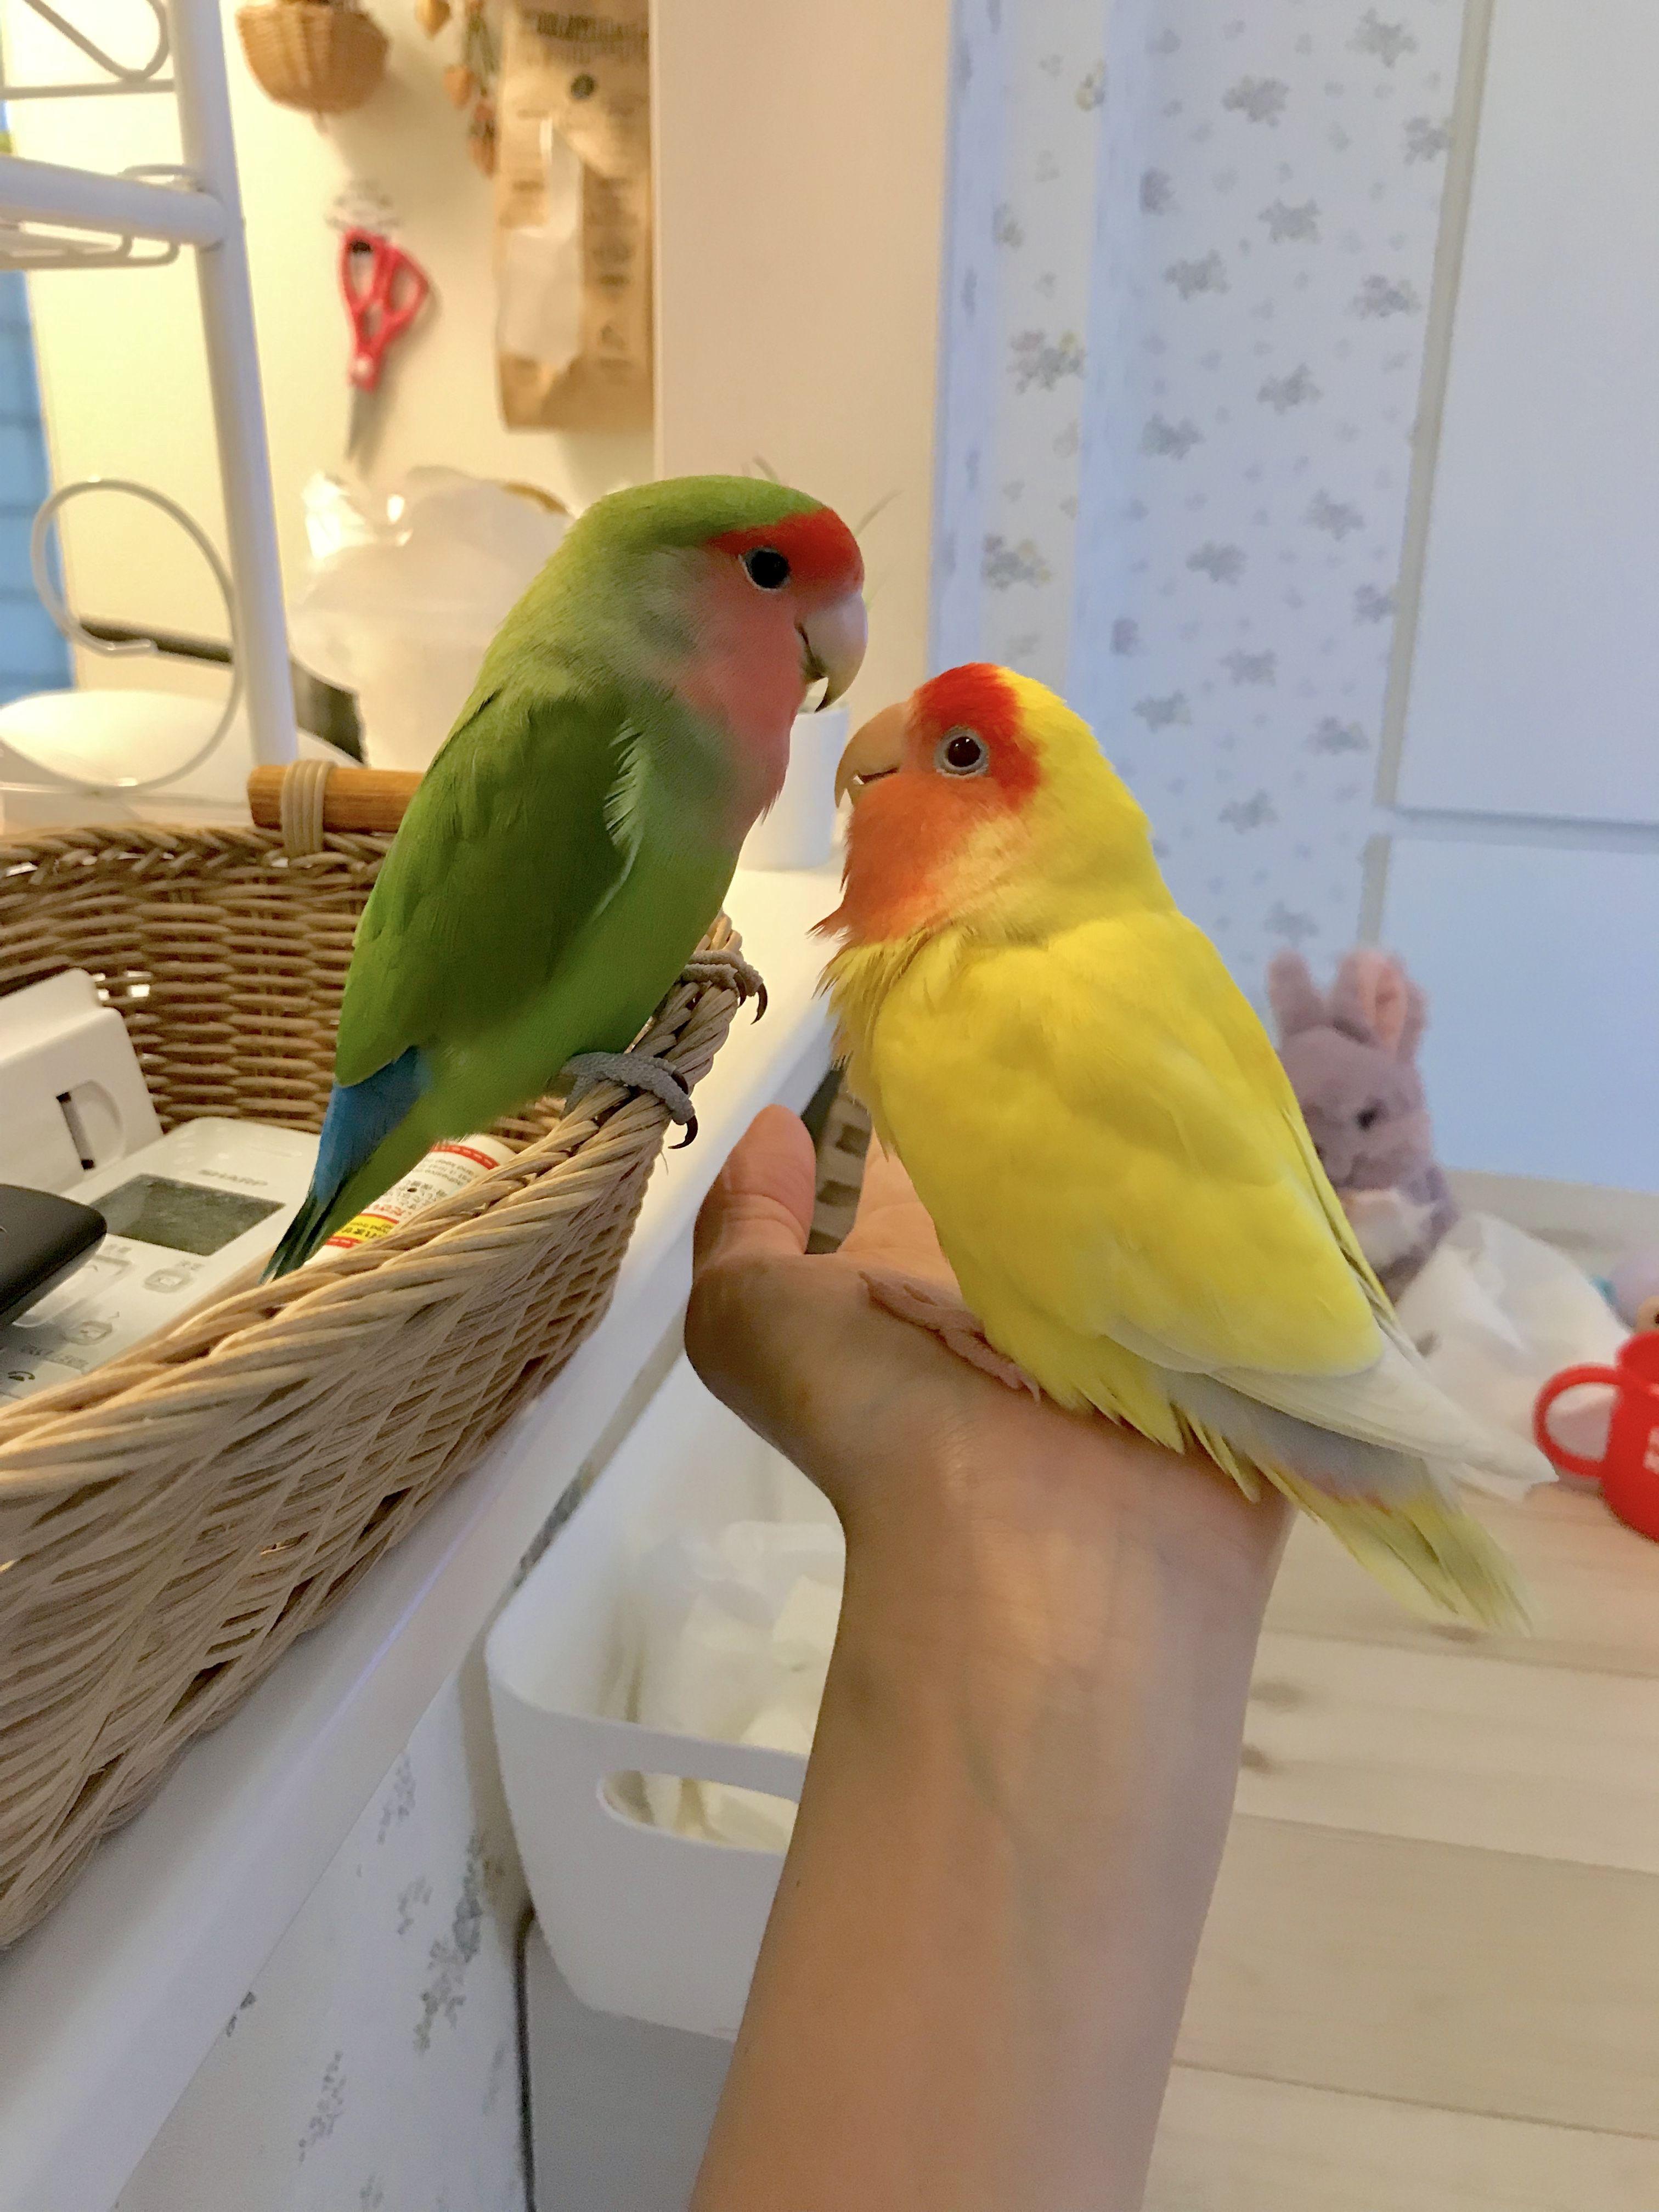 コザクラインコのしずかちゃんとみぃちゃん Pet Birds Cute Birds Cute Animal Pictures